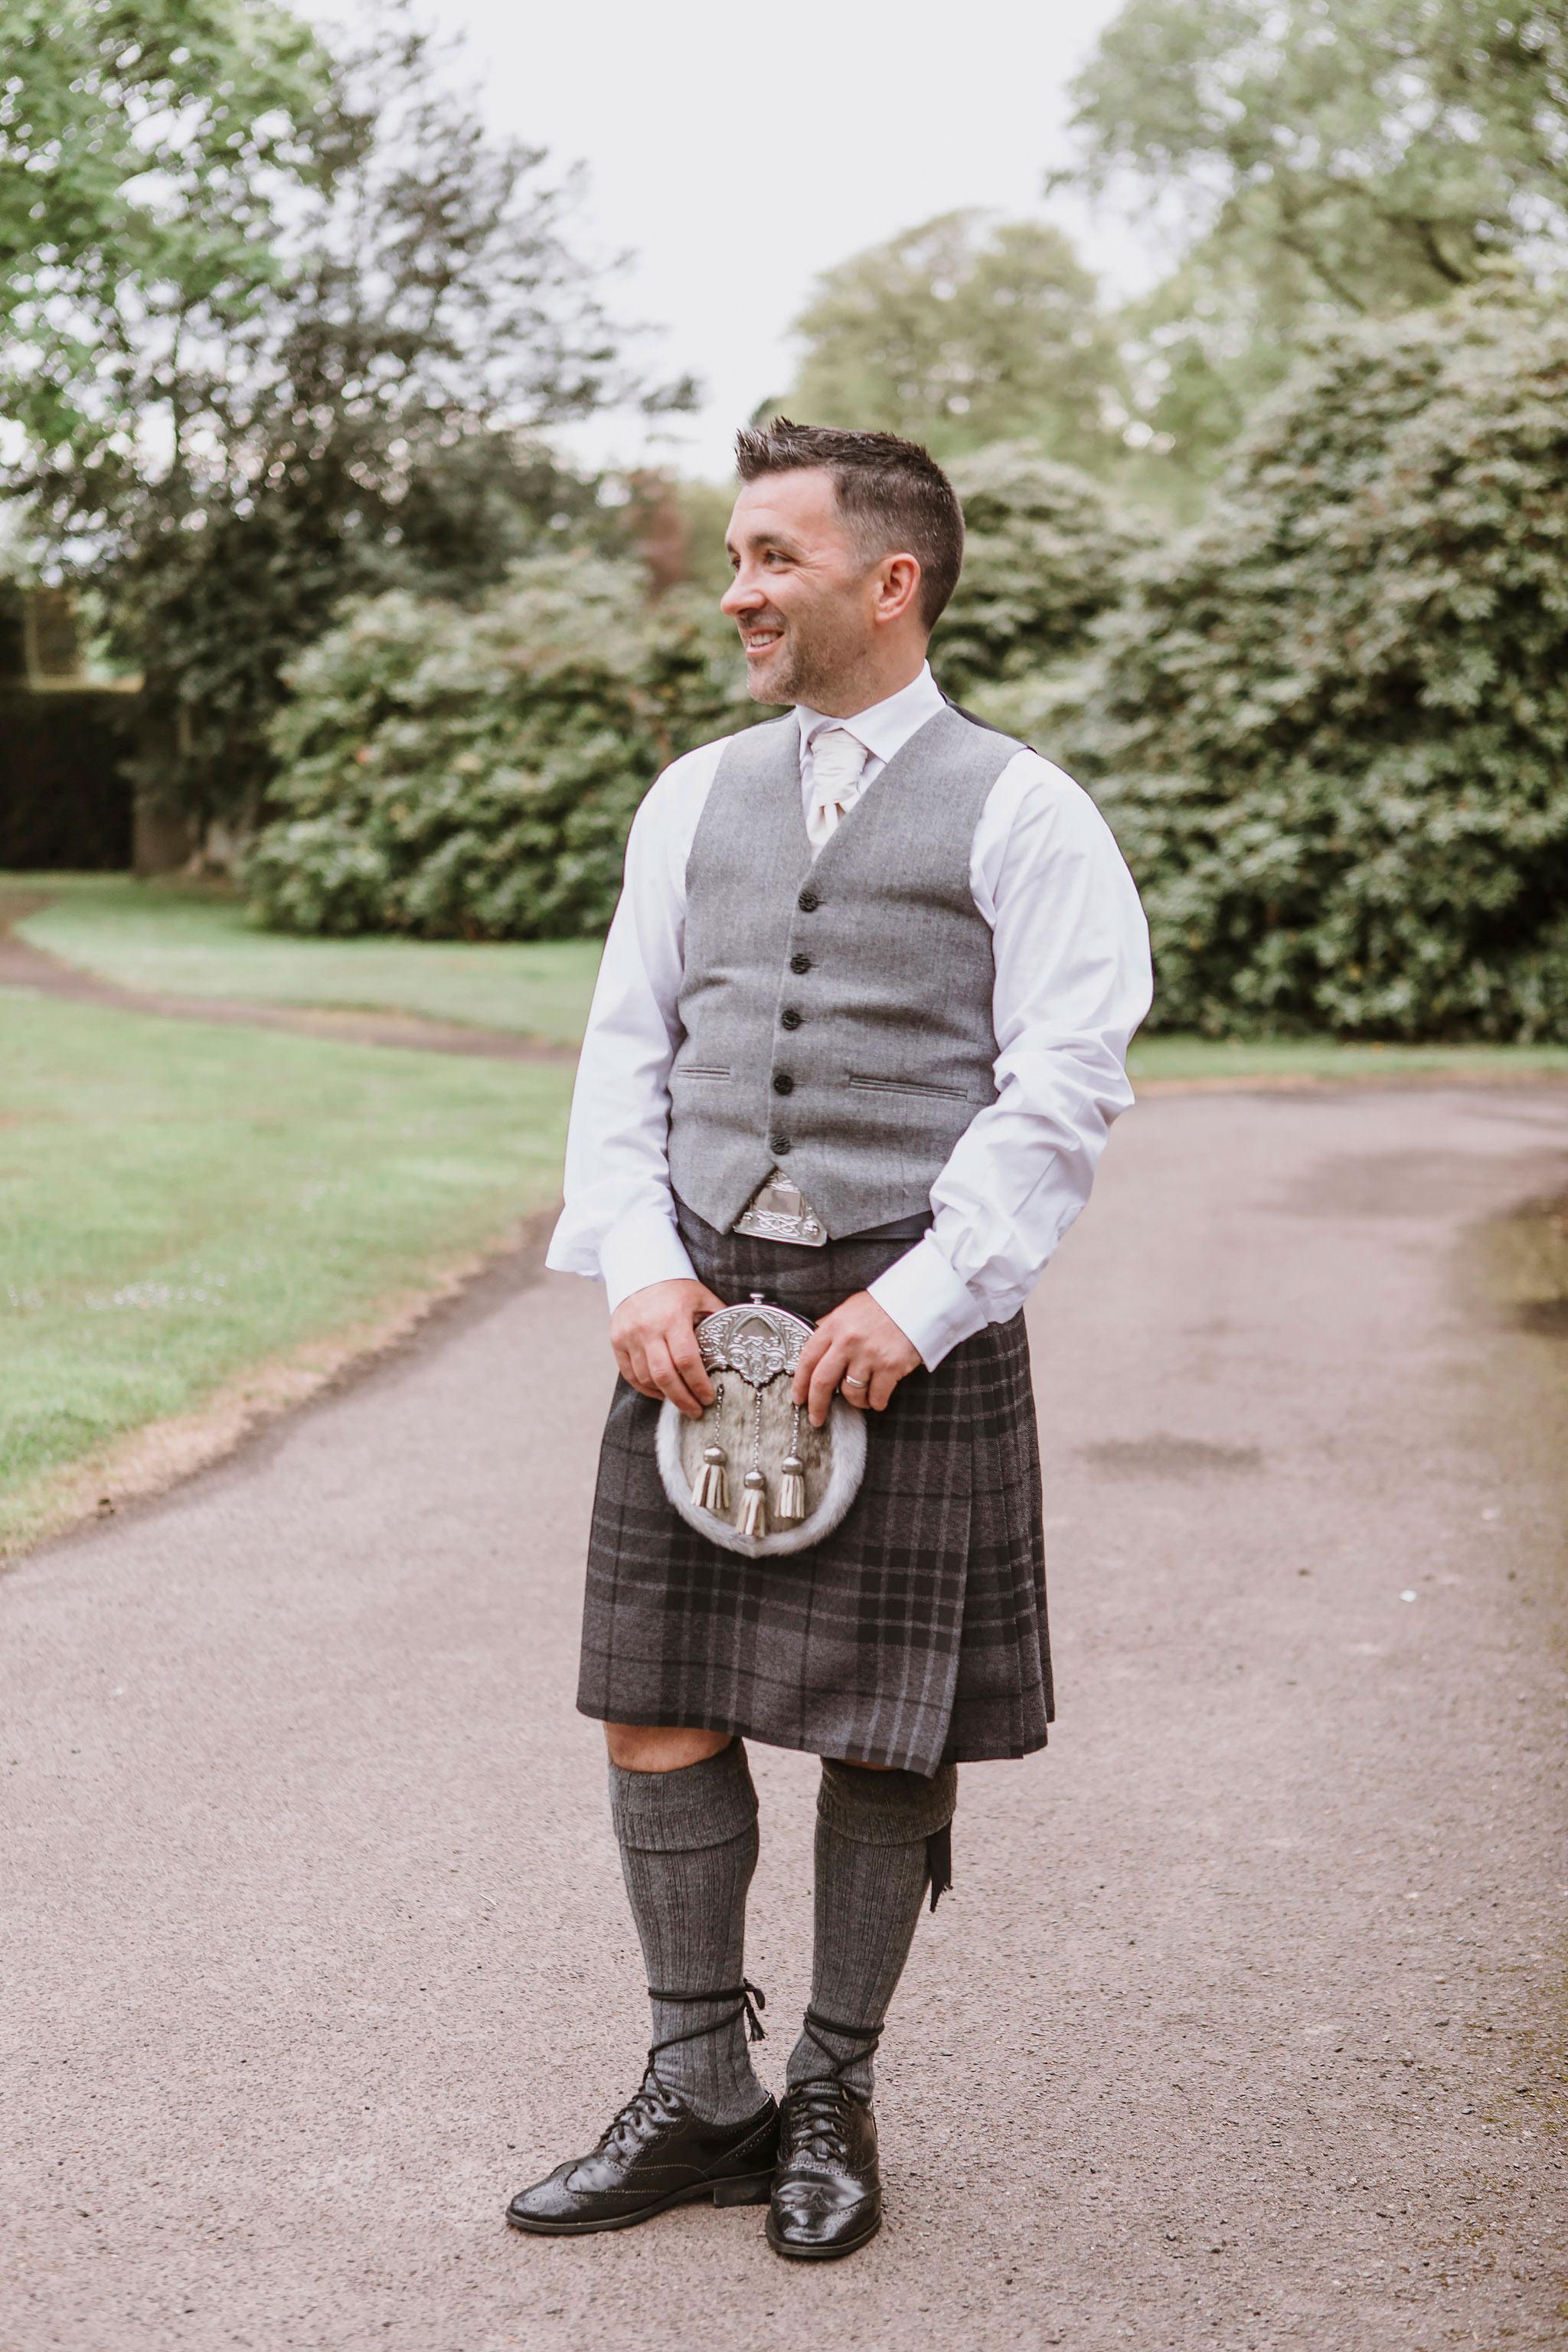 scotland-wedding-elopement-photographer-047.jpg